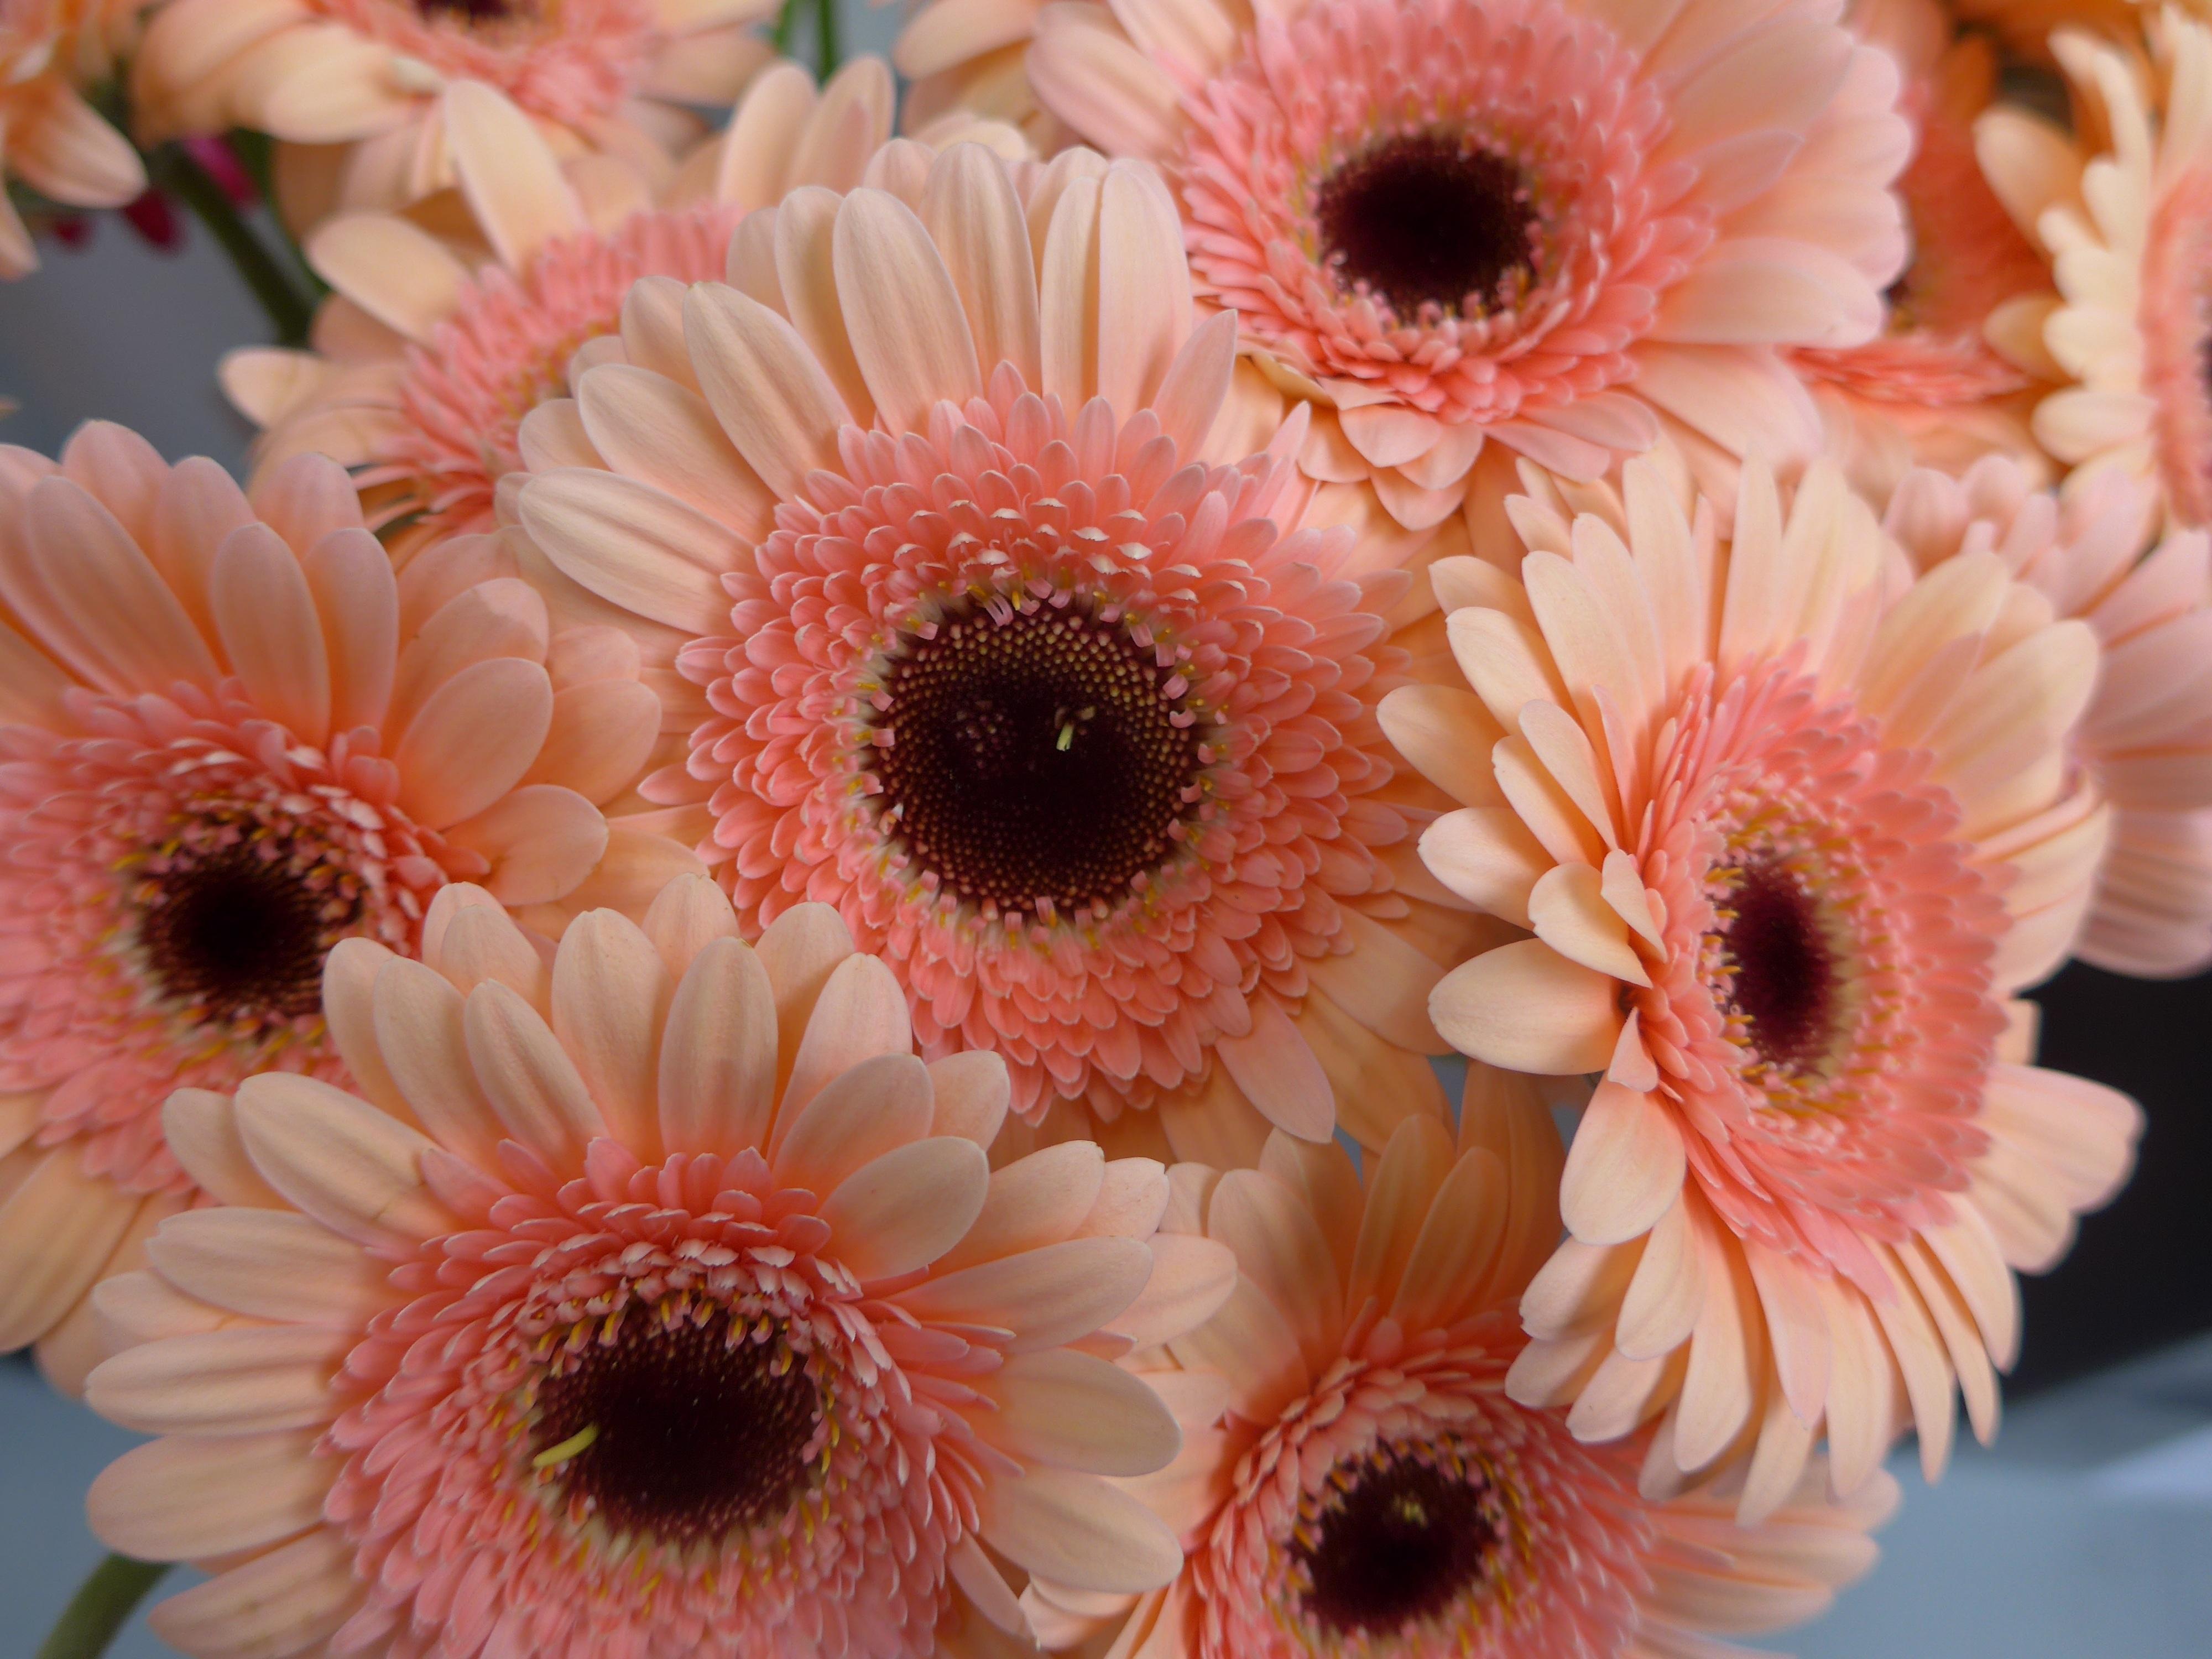 Free Images Blossom Petal Bloom Orange Spring Pink Florist